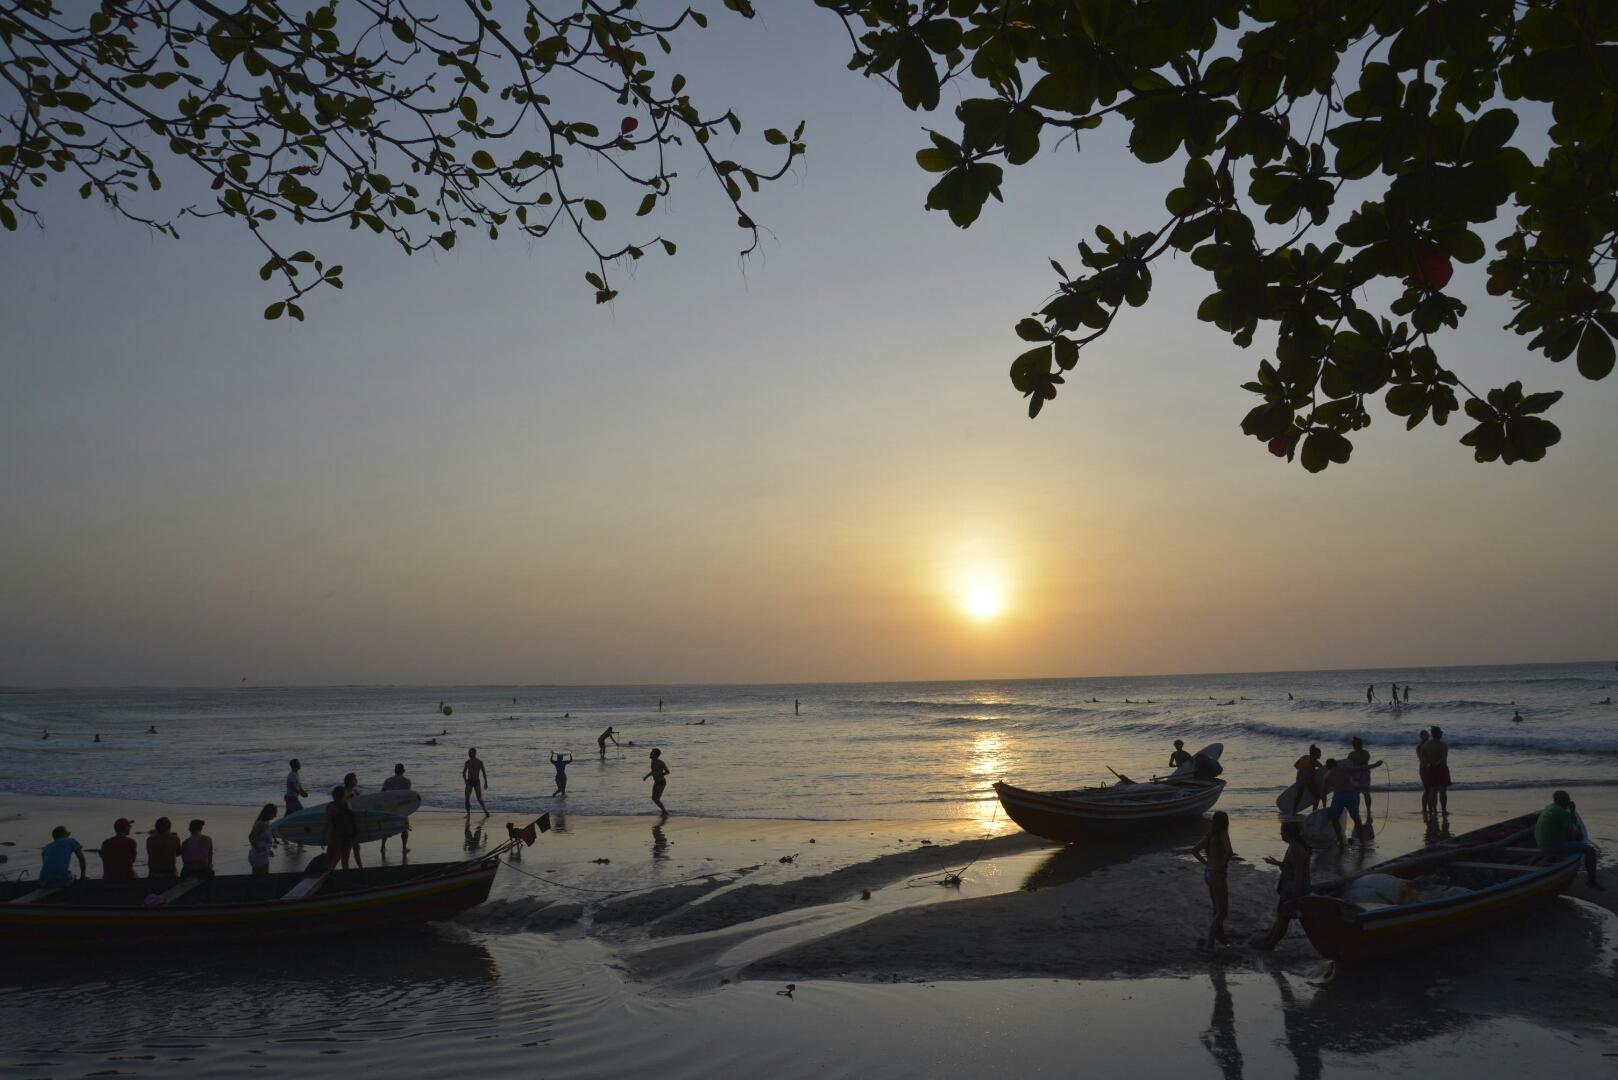 Receita turística será gerada por cerca de 70 mil visitantes que virão ao Estado neste feriado